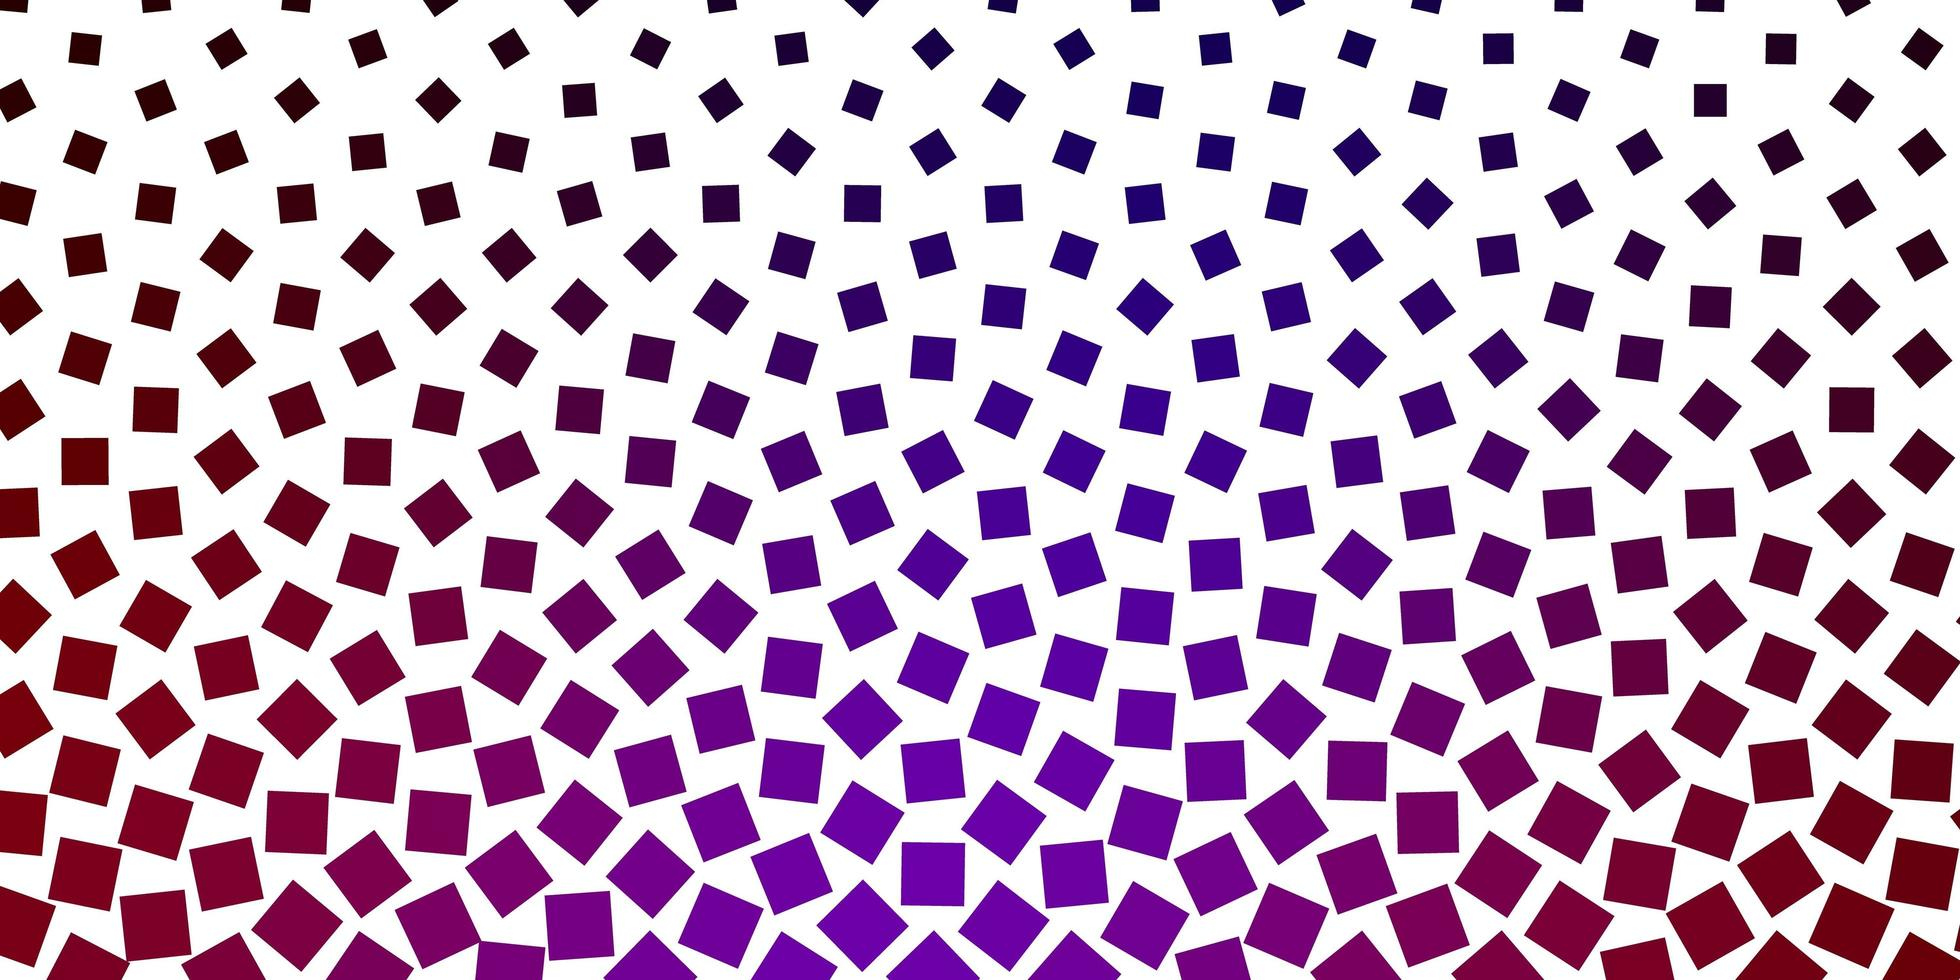 donkerrode en paarse lay-out met vierkanten. vector